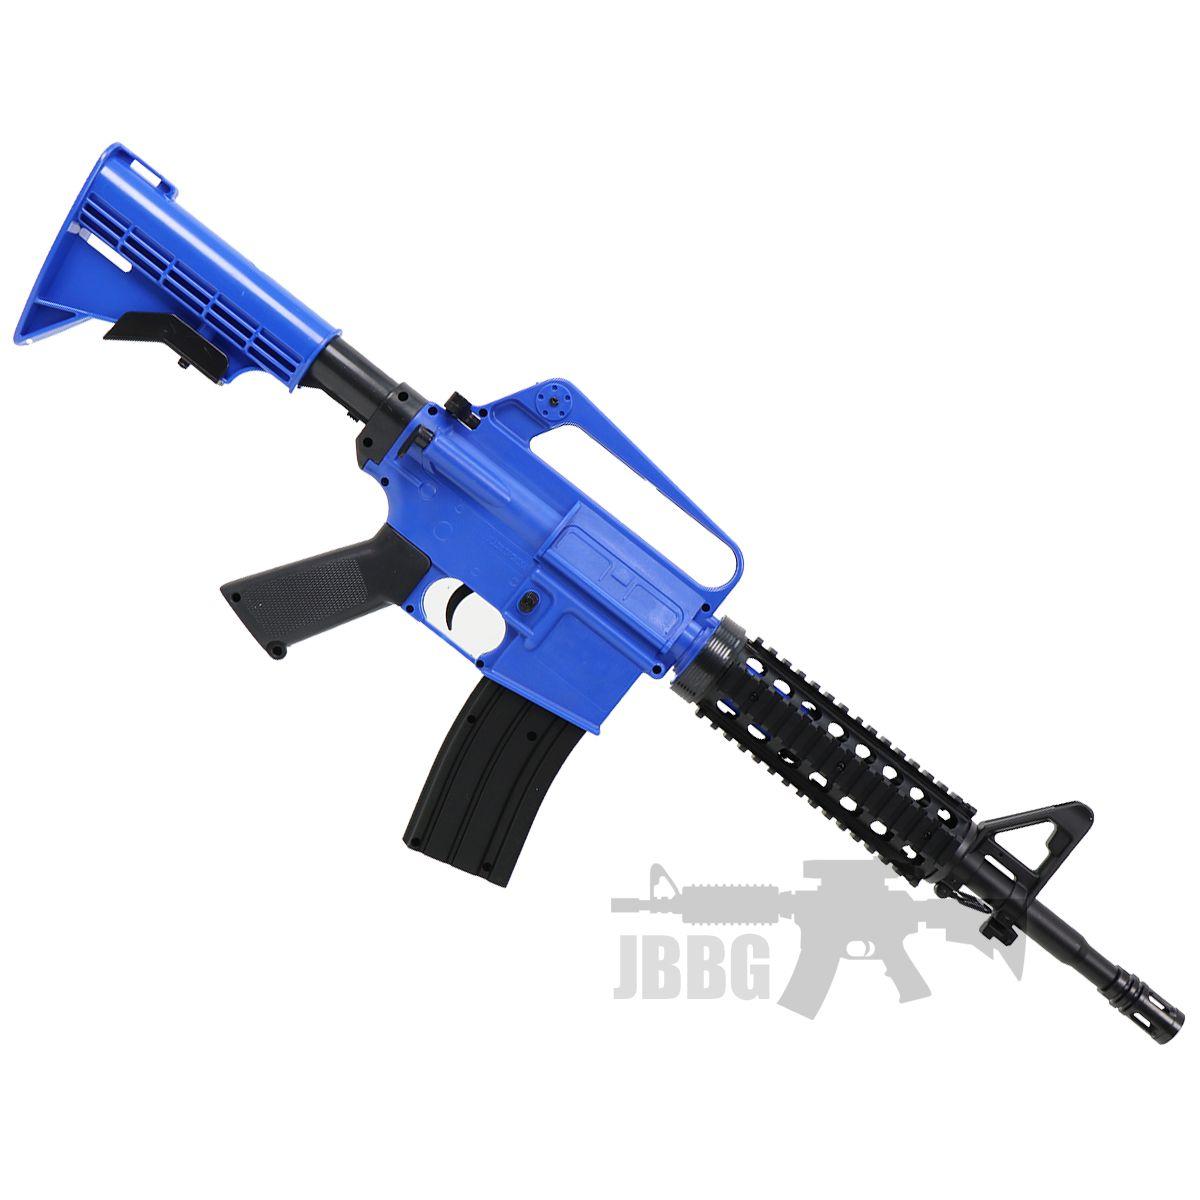 b gun 9 1